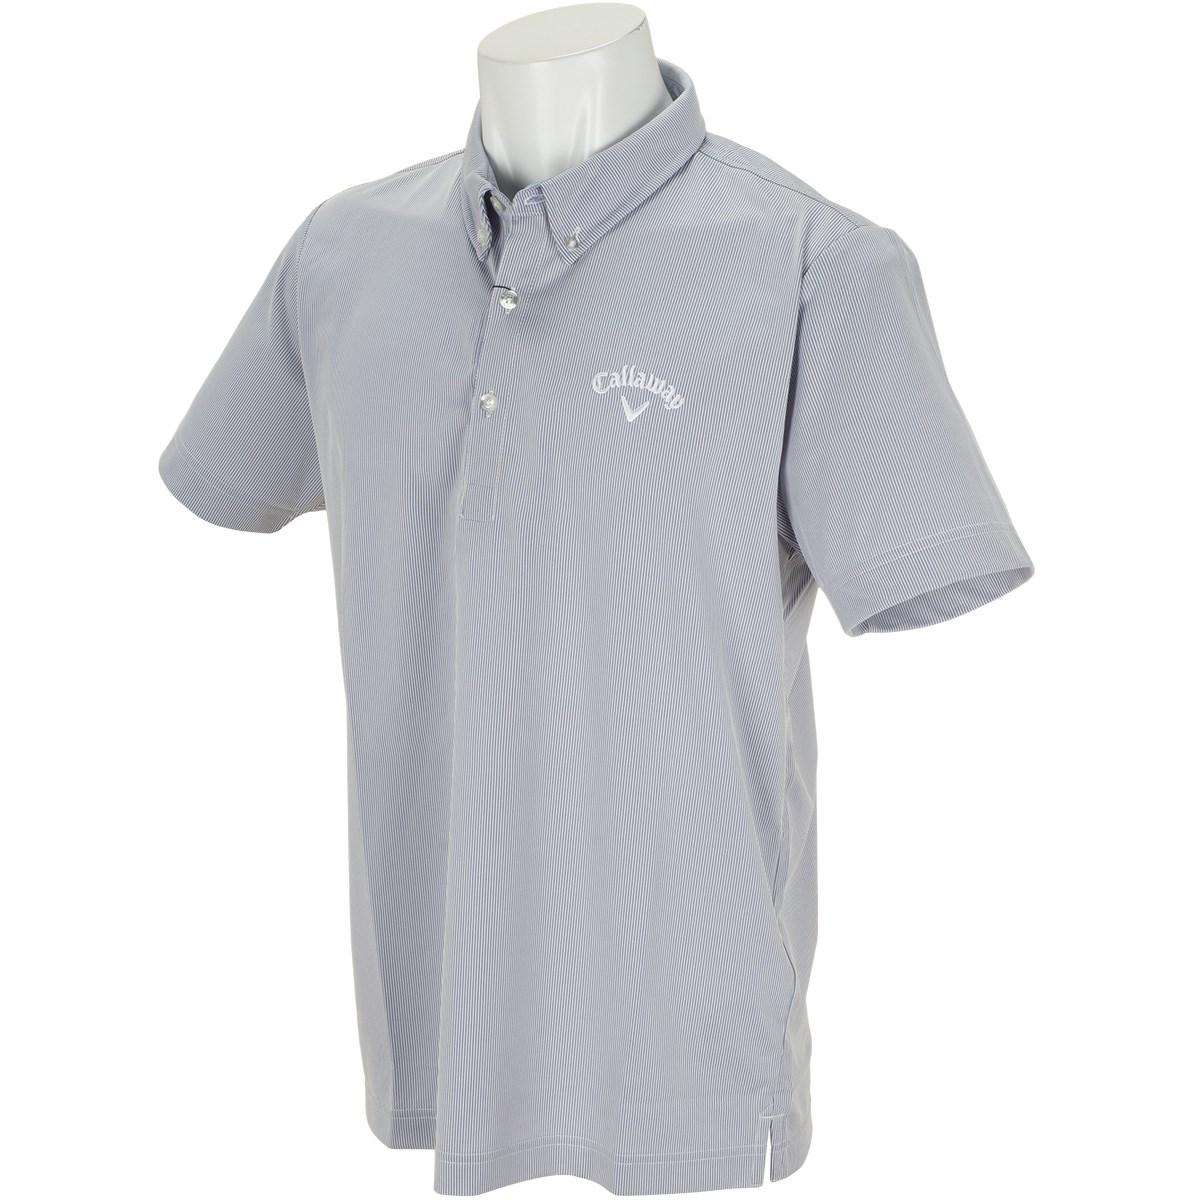 キャロウェイゴルフ(Callaway Golf) ボタンダウン コードレーン カラー半袖ポロシャツ